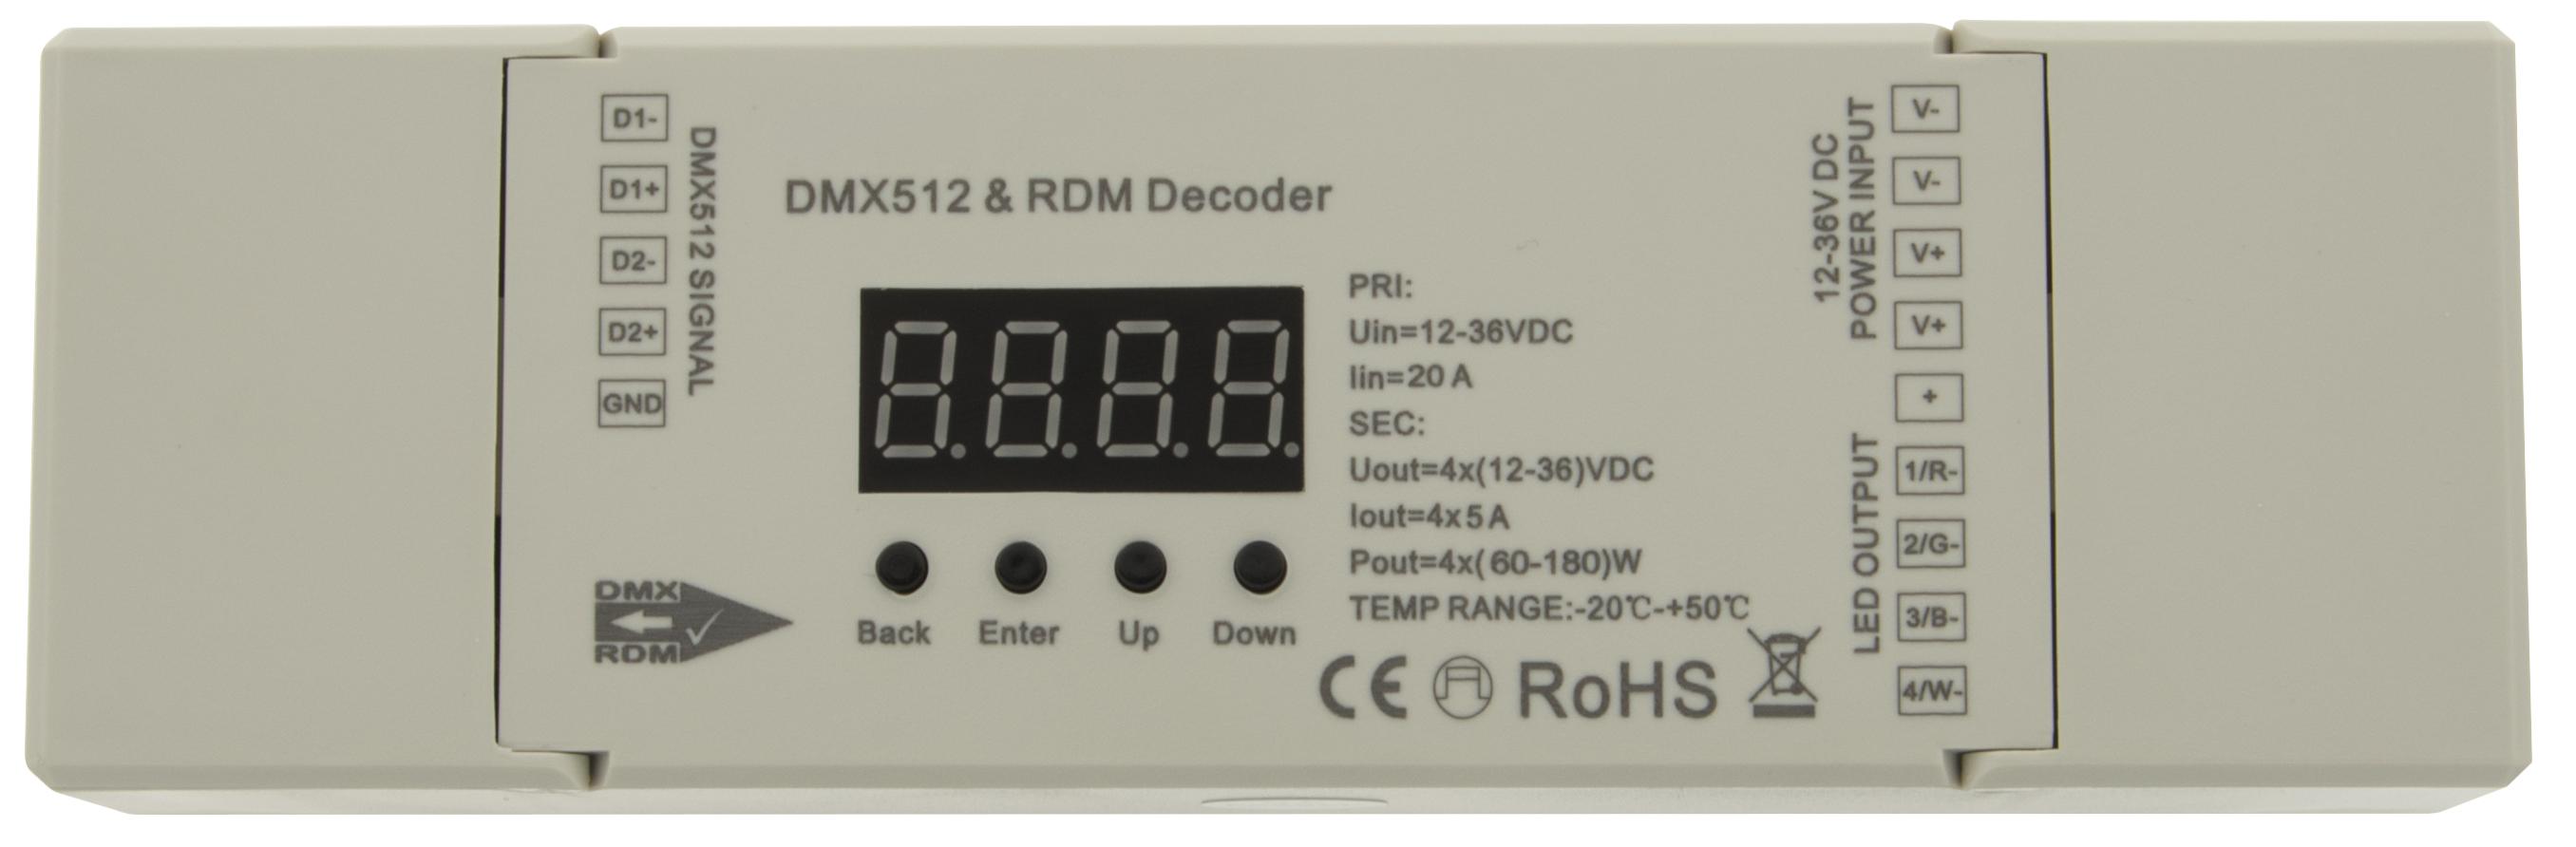 1 Stk LED DMX/RDM Decoder RGBW (4CH) LILC035004